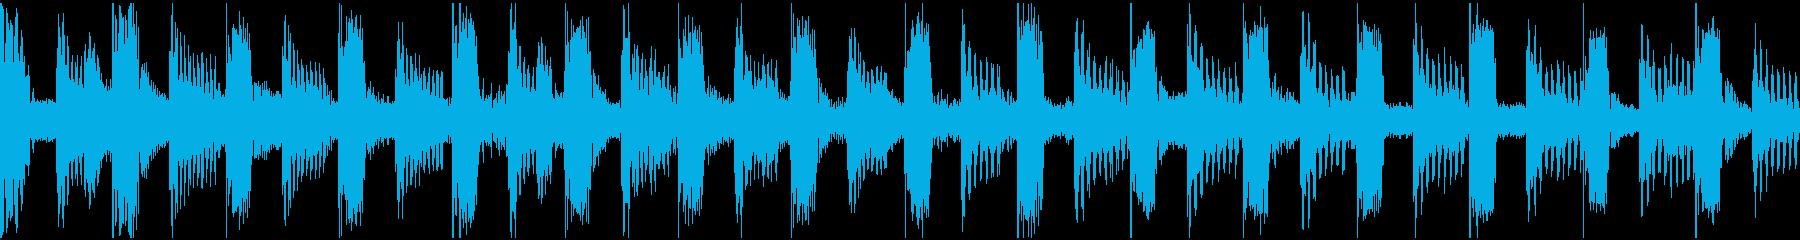 Contemporary elec...'s reproduced waveform